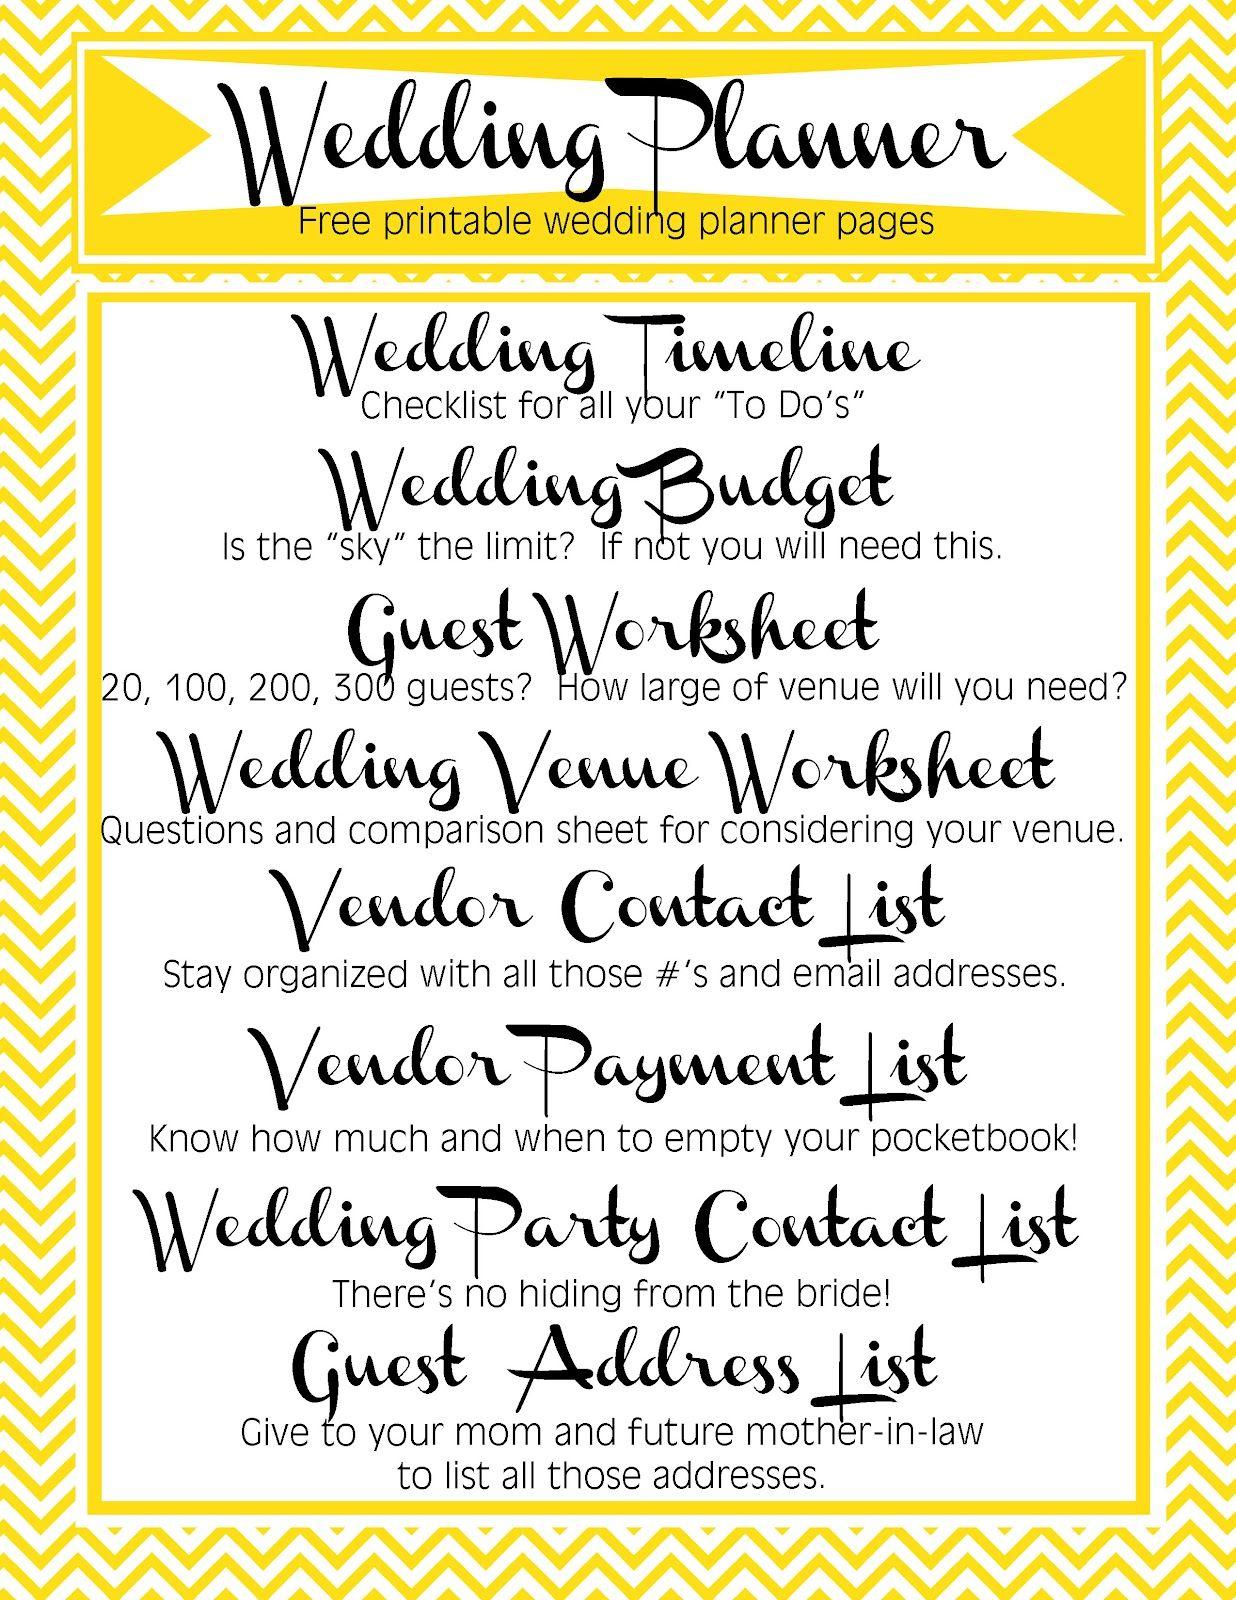 36++ Wedding vendor checklist printable information